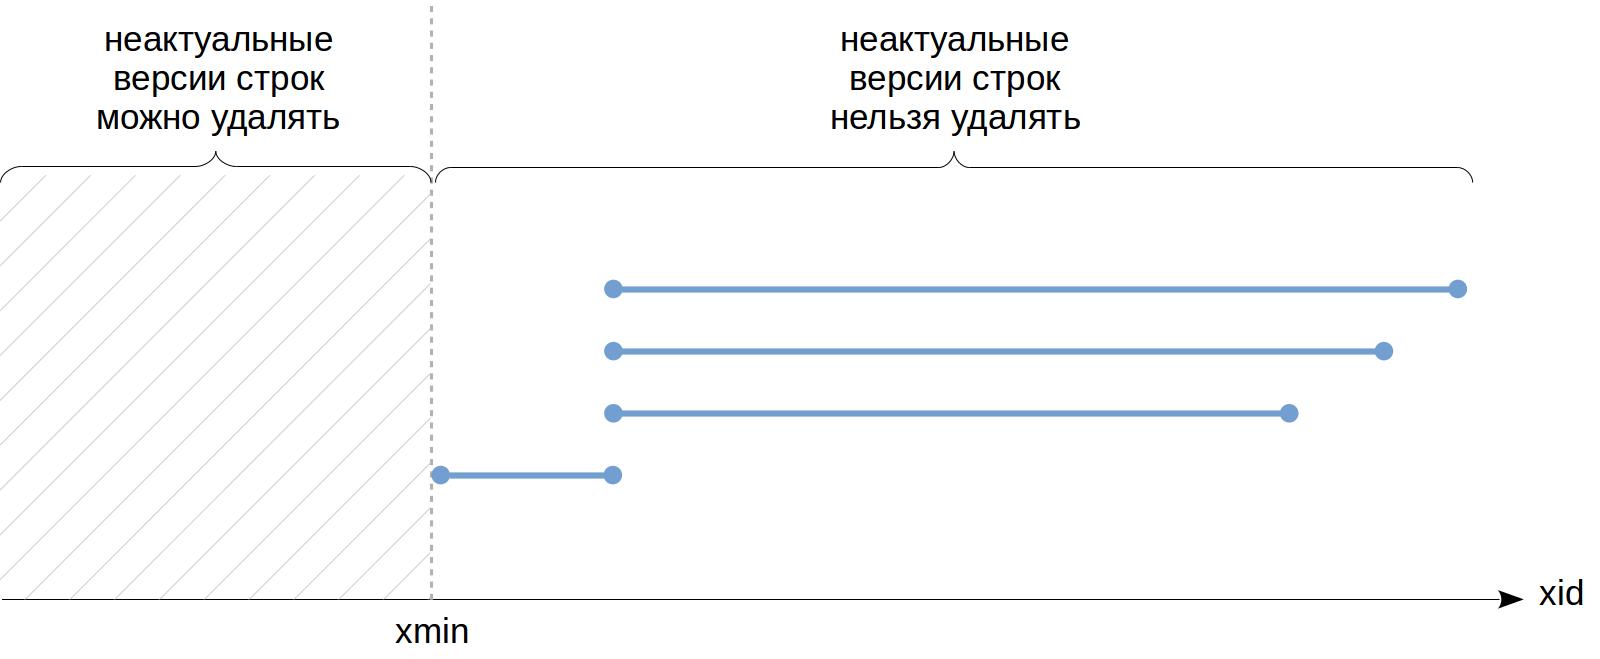 MVCC-4. Снимки данных - 6